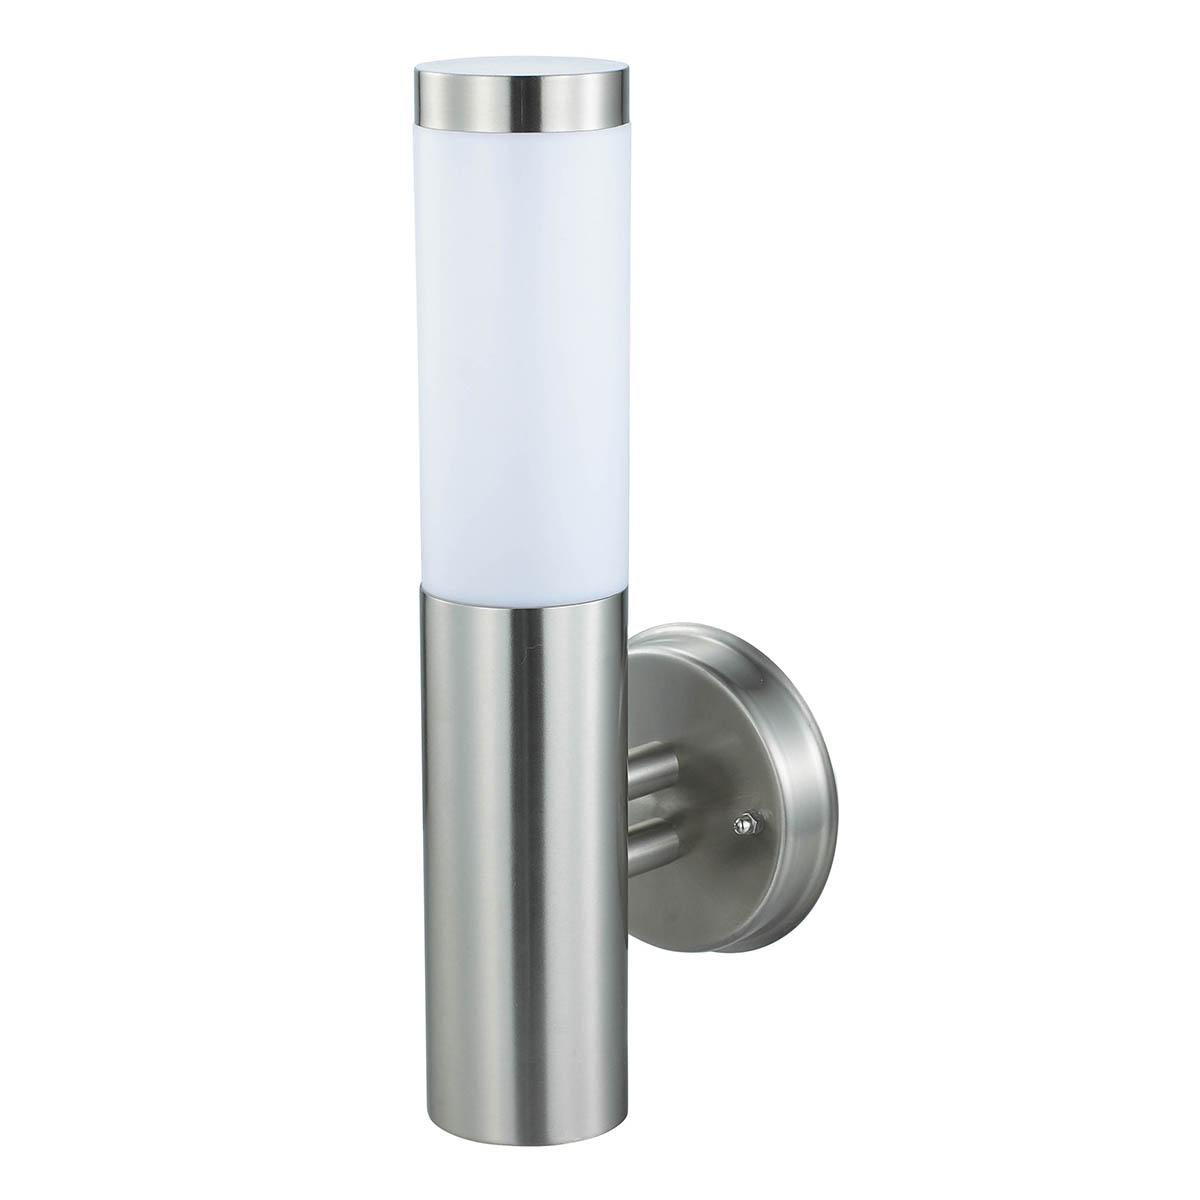 Светильник Horoz 075-004-0002 075-004 цена 2017